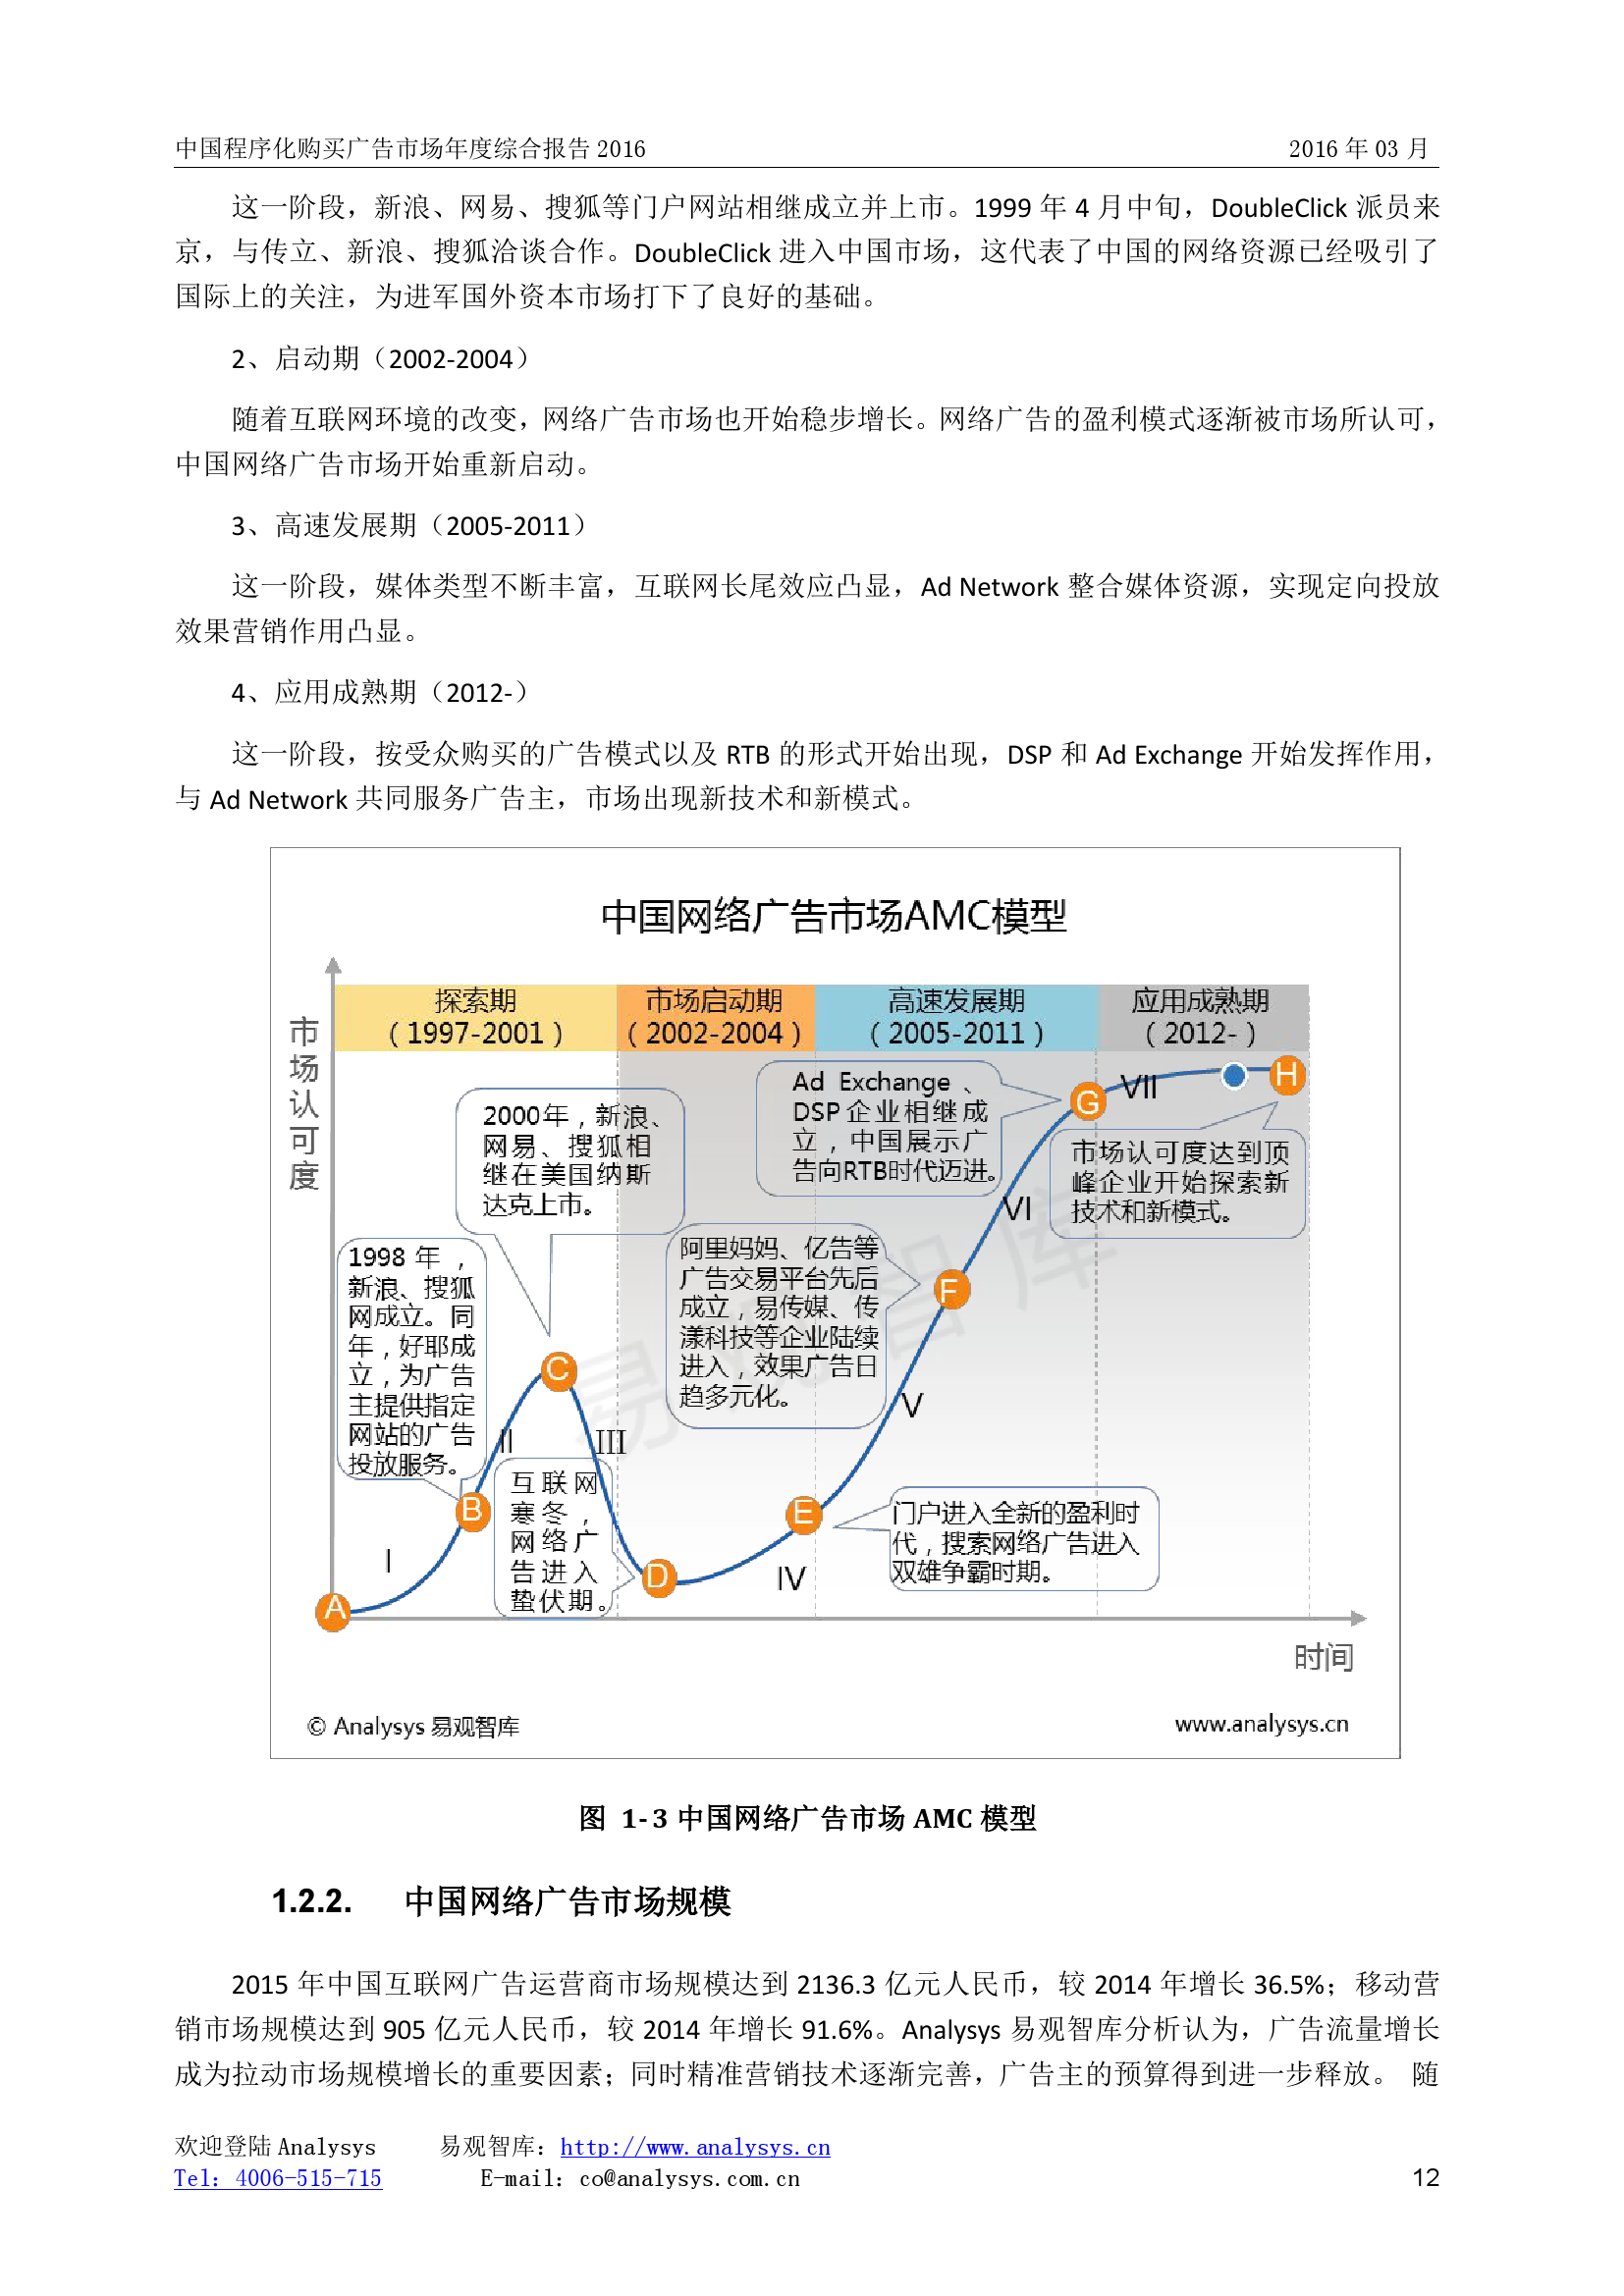 中国程序化购买广告市场年度综合报告2016_000012